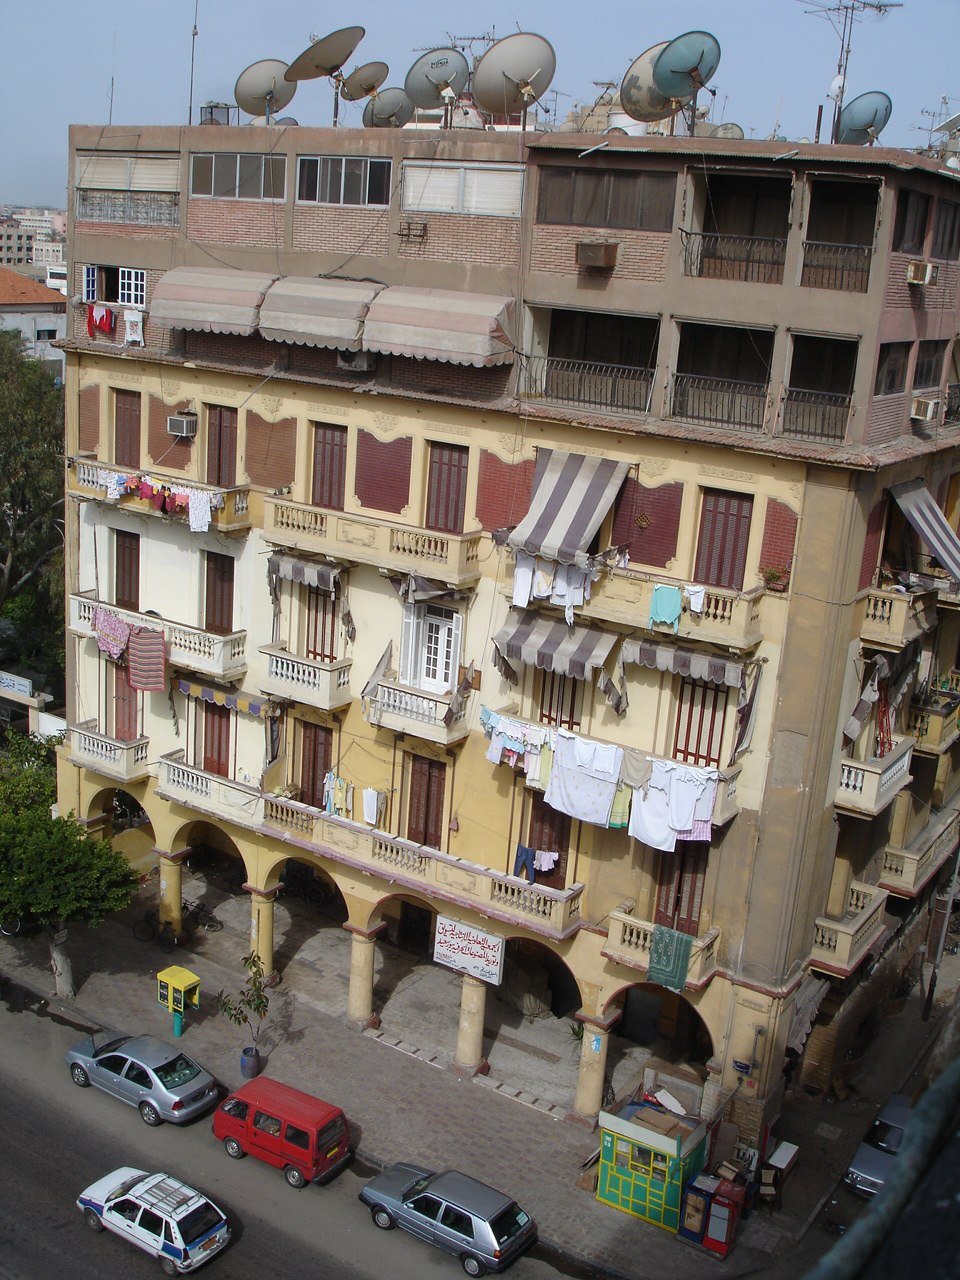 A unique house of Port Said